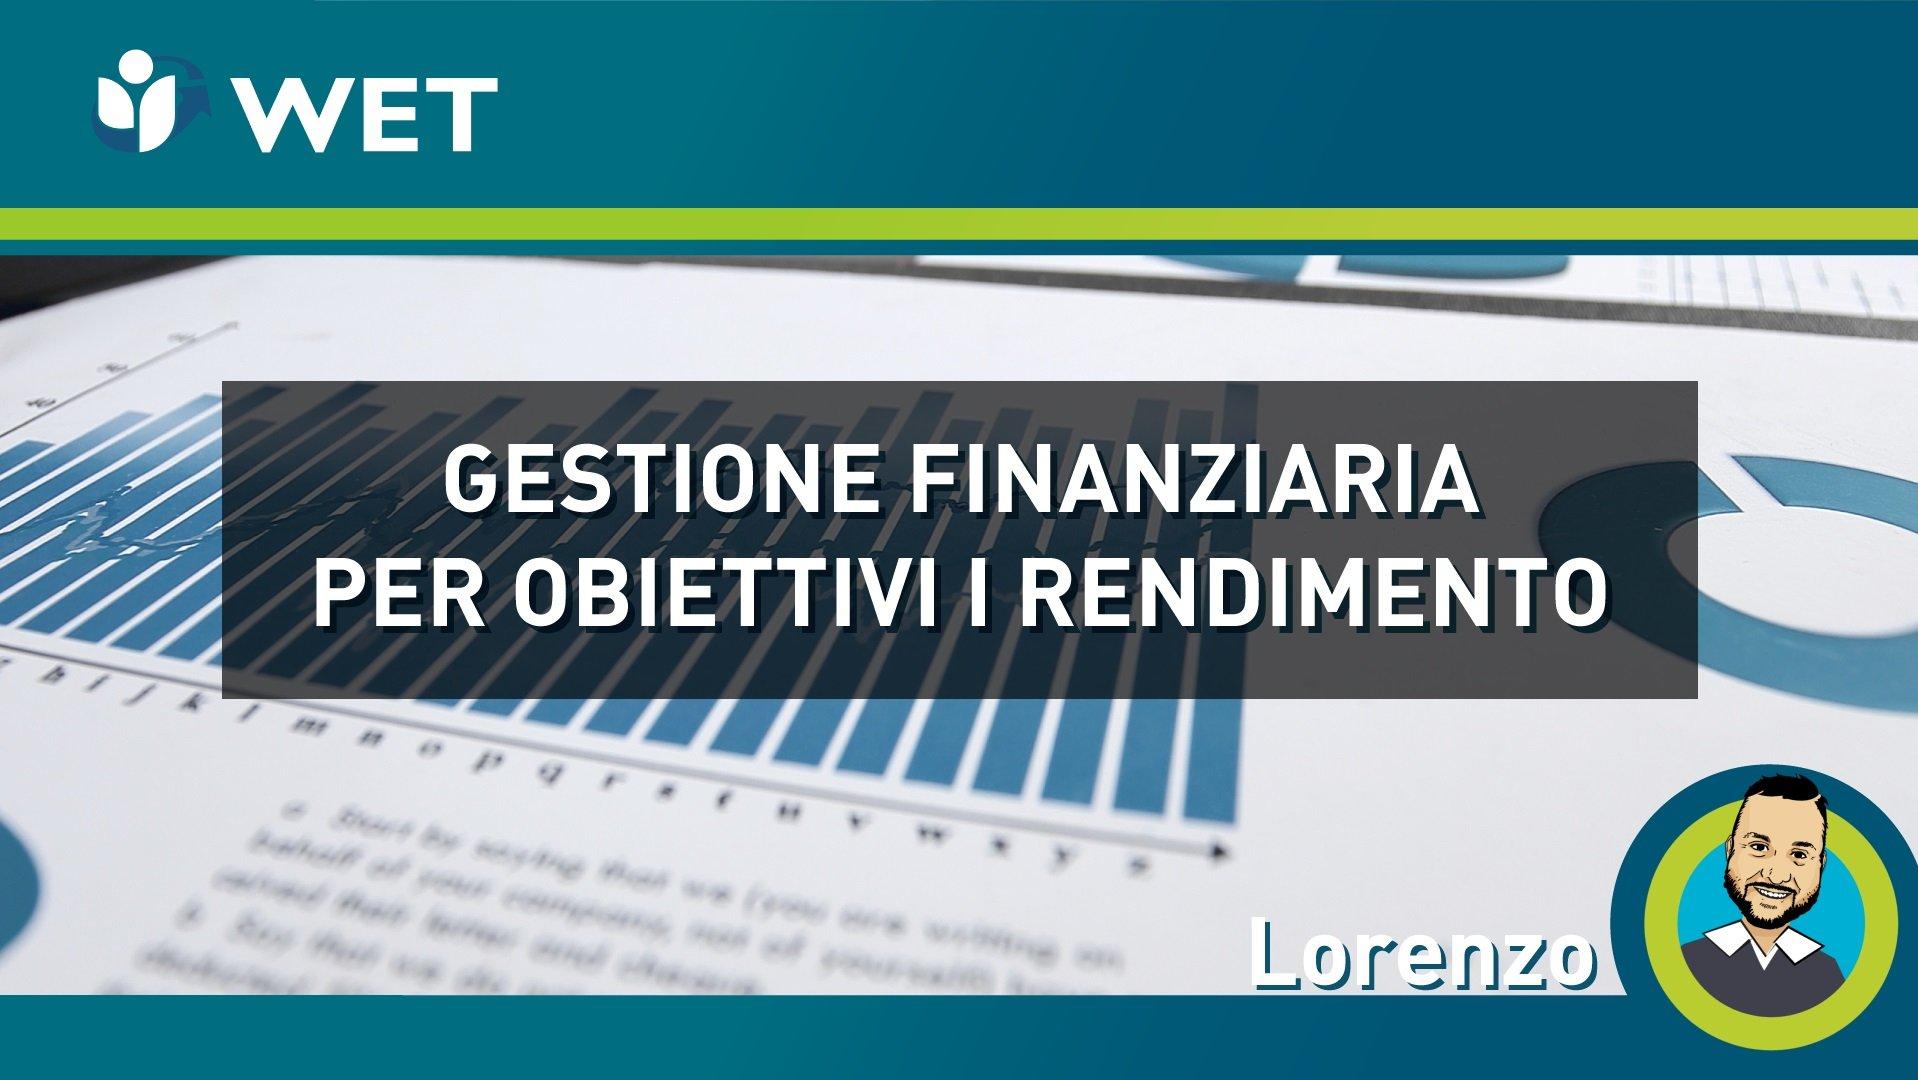 Articolo gestione finanziaria obiettivi di rendimento